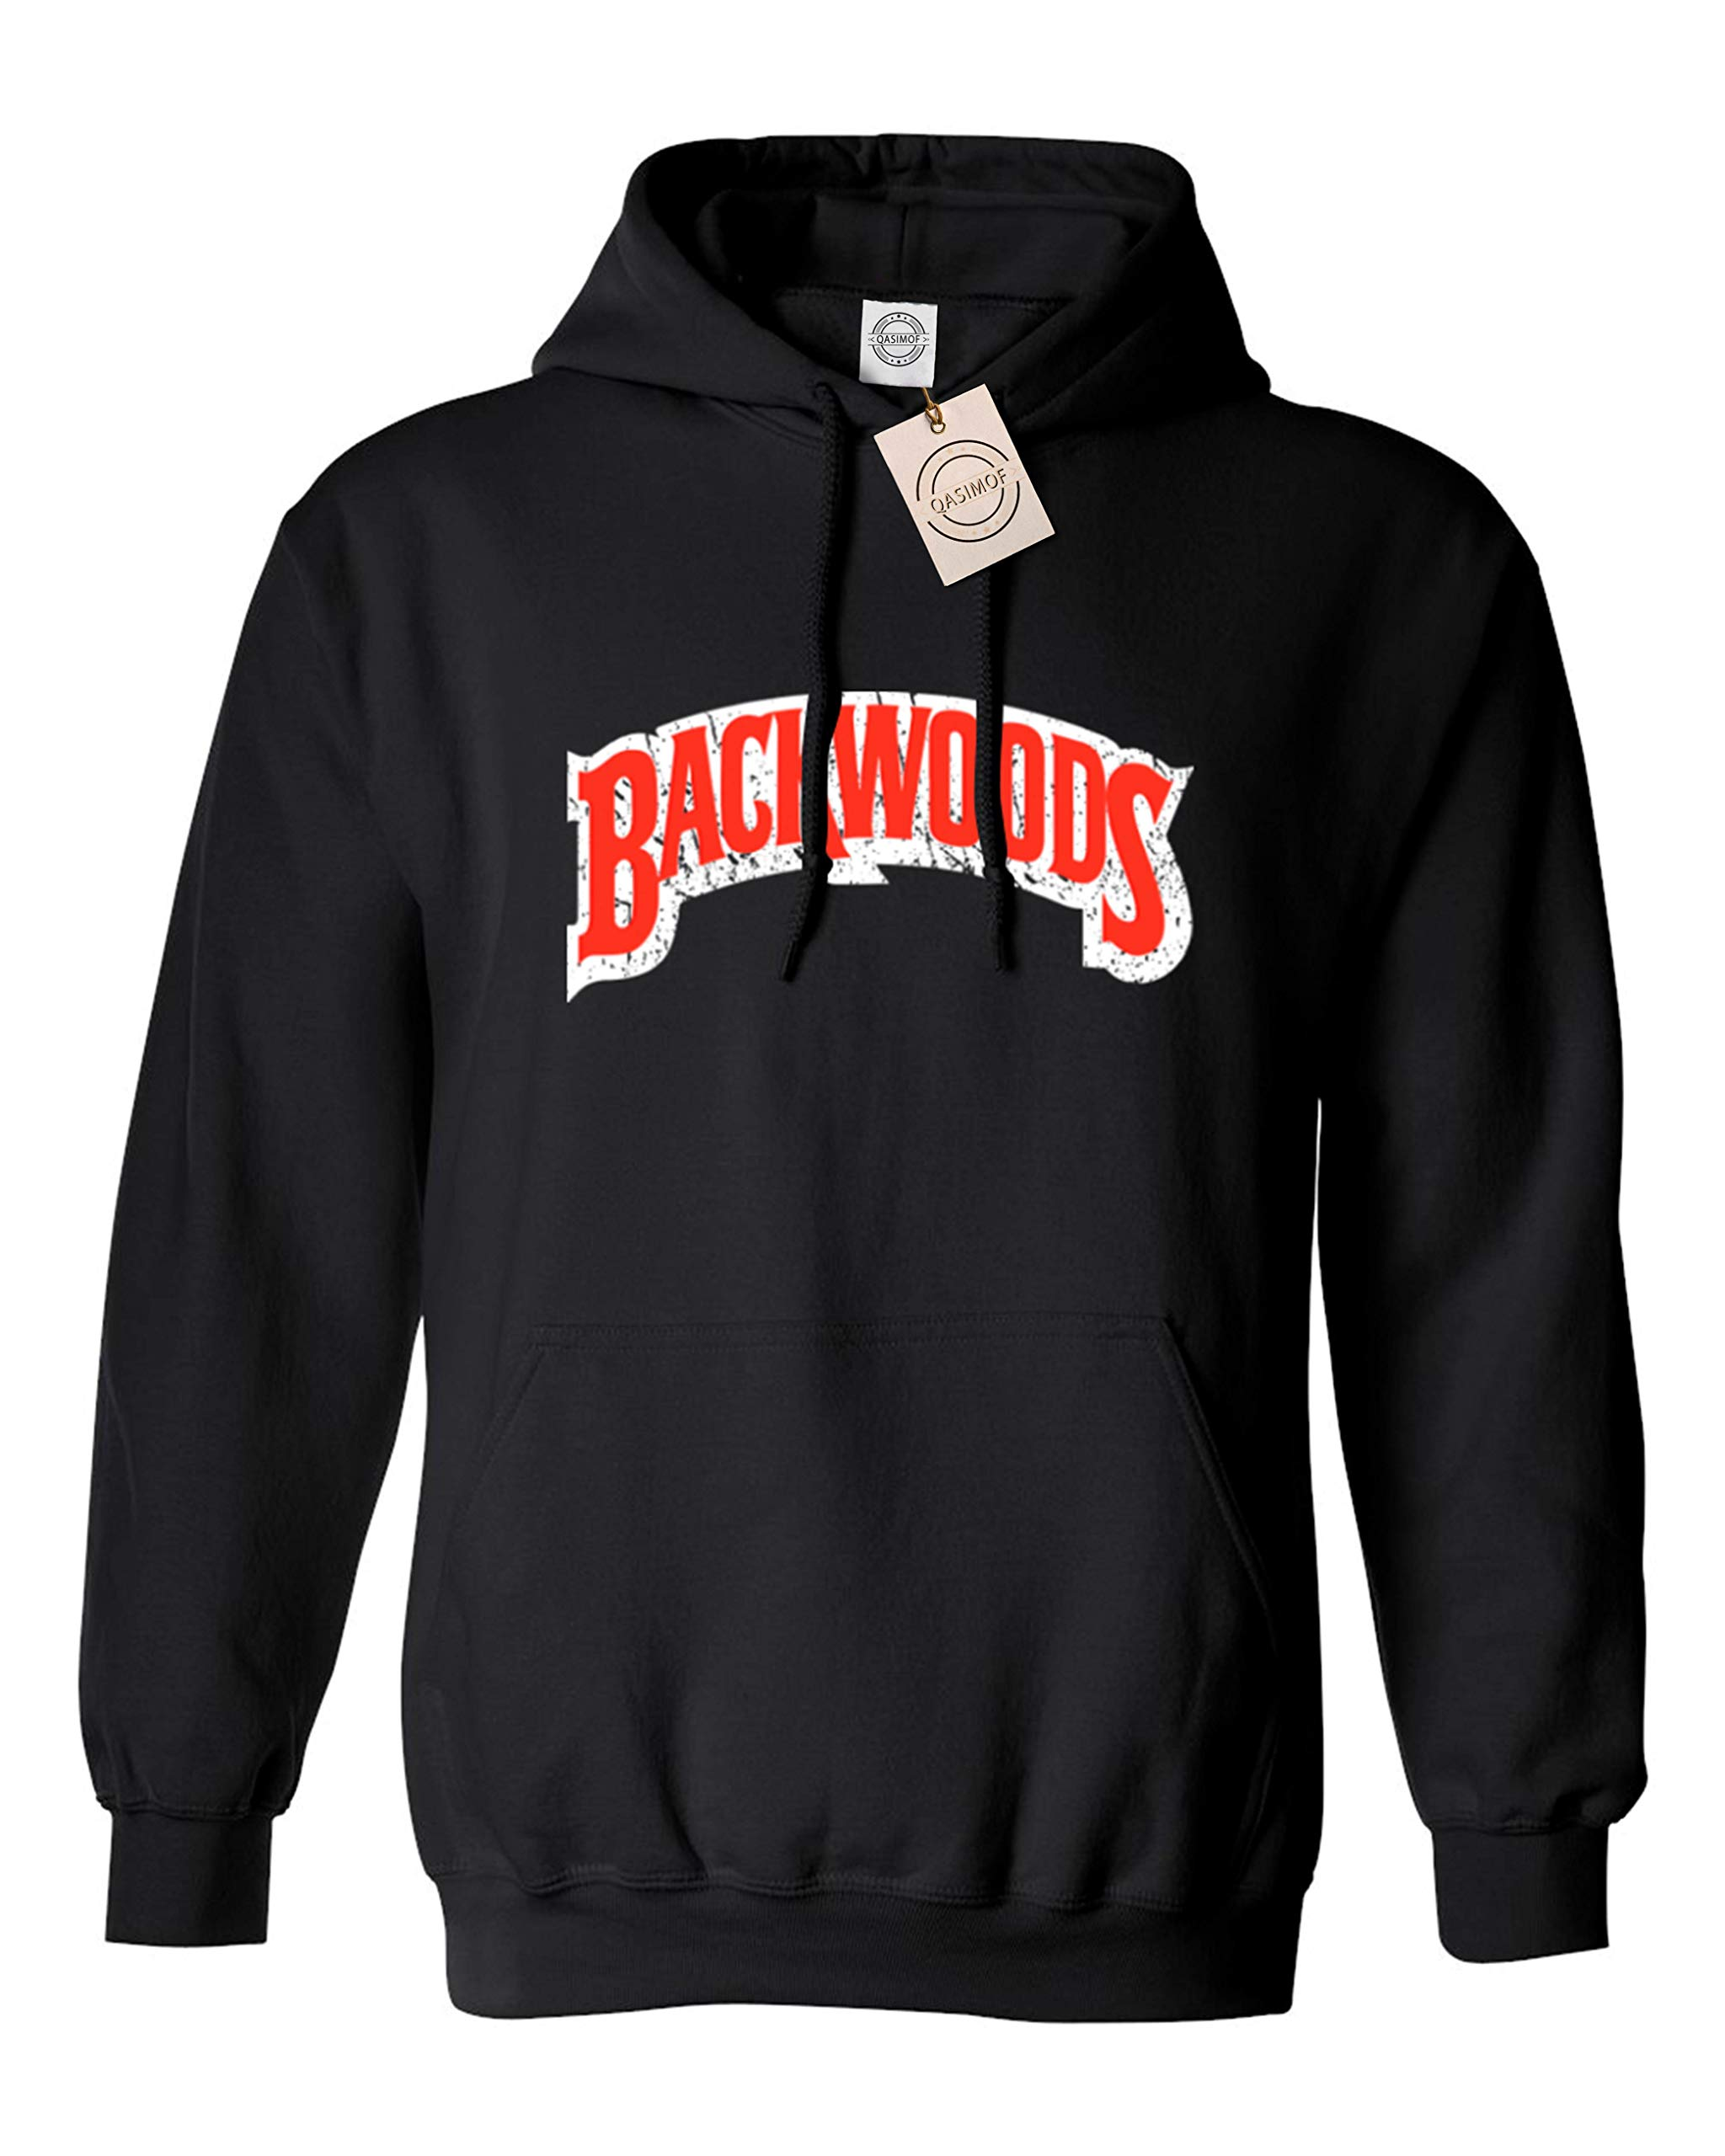 Shirt Backwoods S Hooded